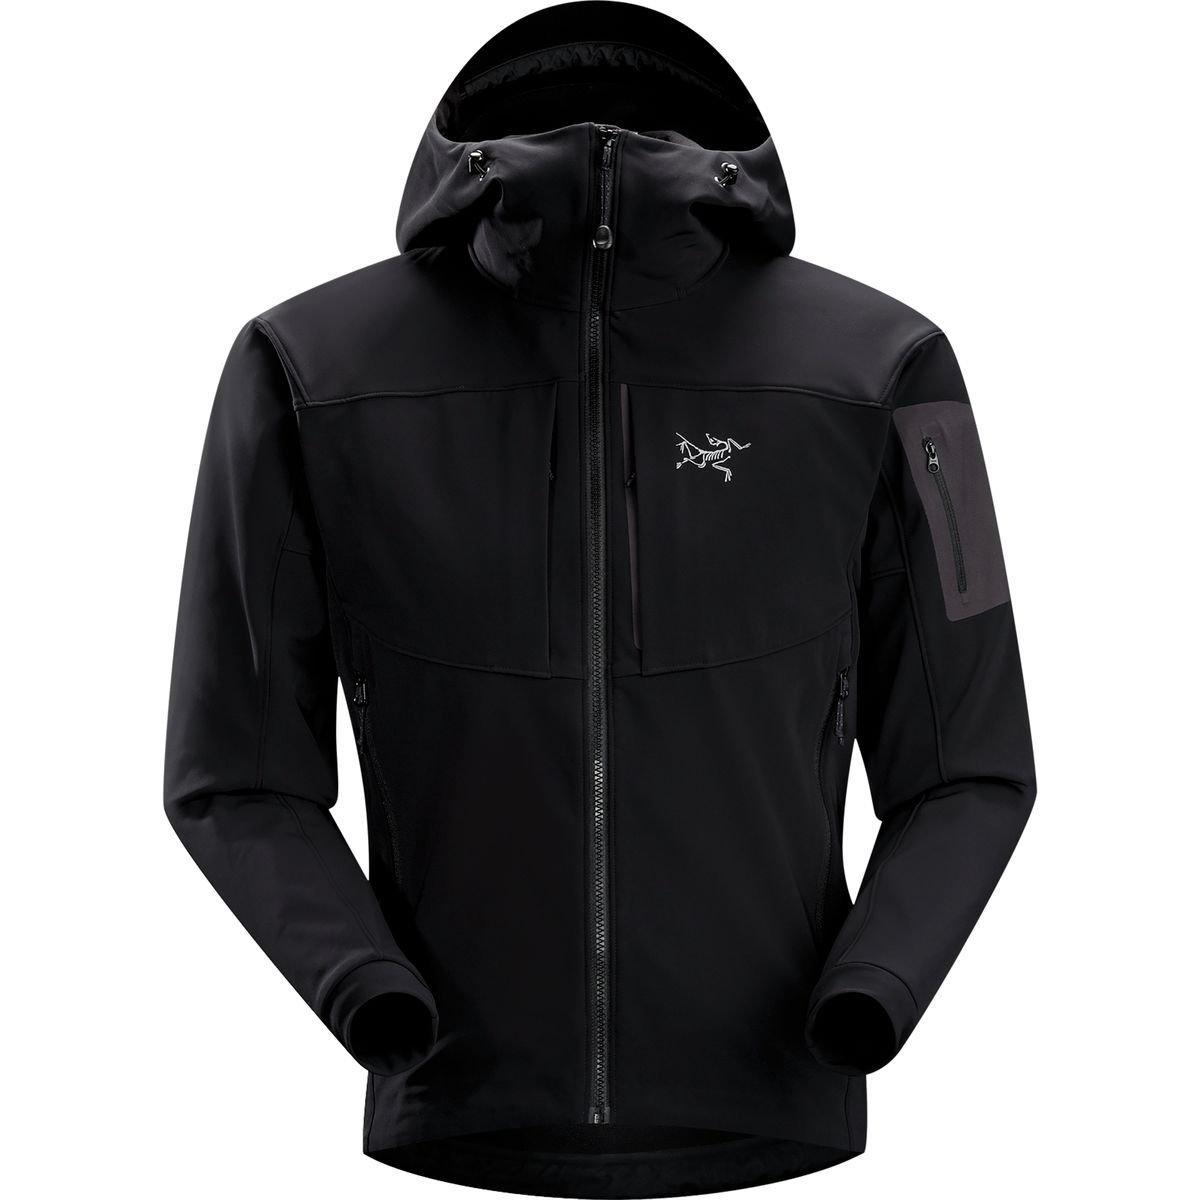 (アークテリクス) Arc'teryx Gamma MX Hooded Softshell Jacket - Women'sメンズ バックパック リュック Blackbird [並行輸入品] M  B077N974KK